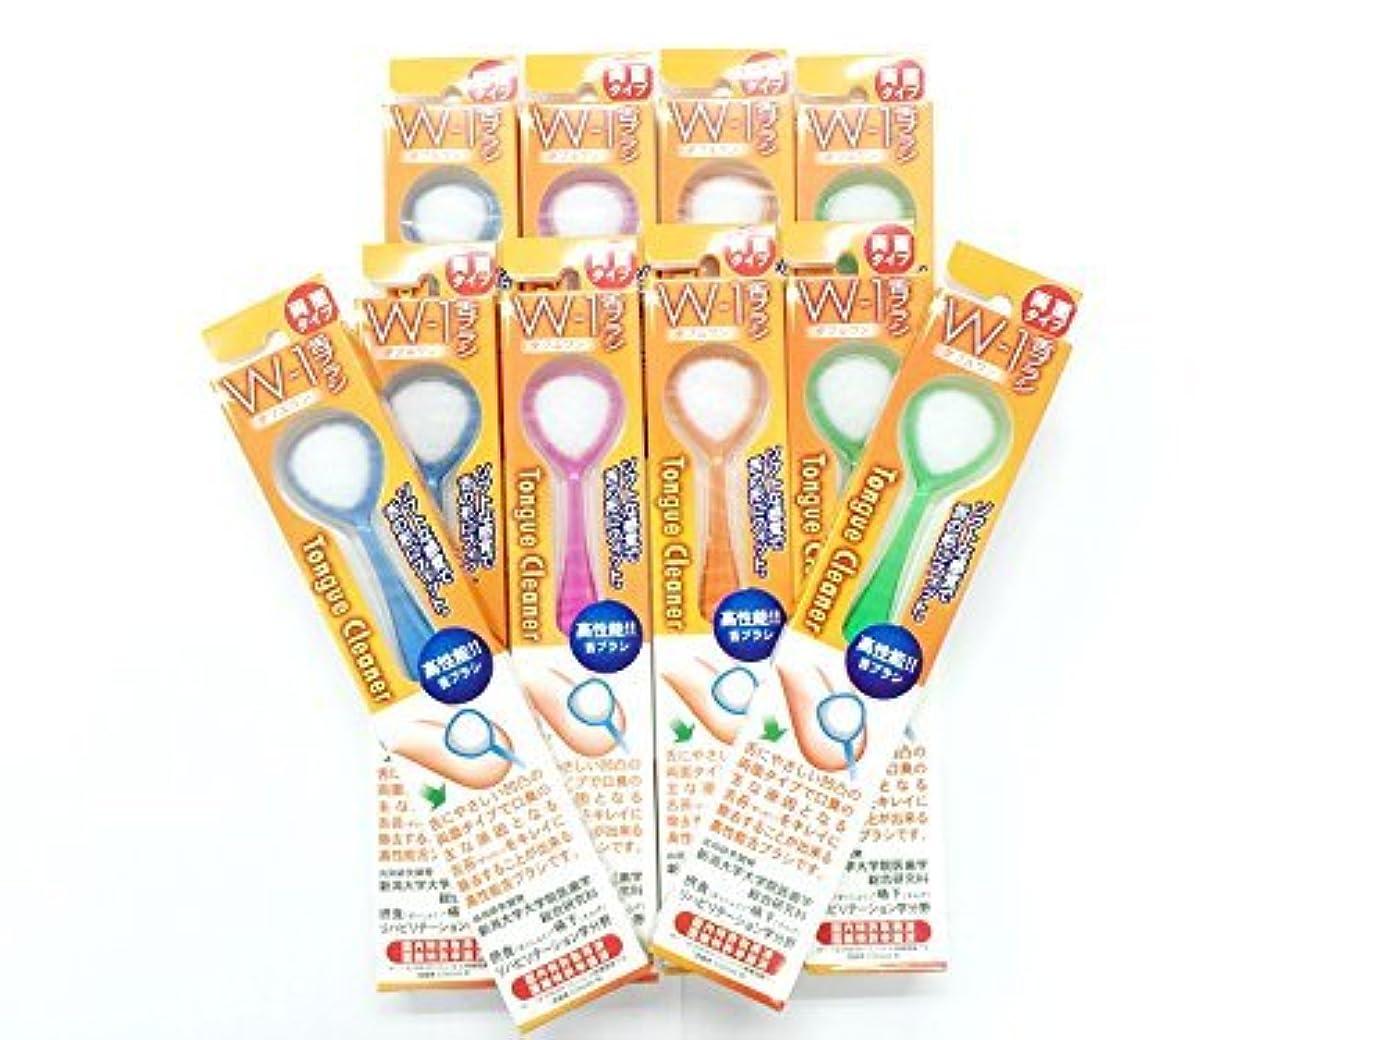 ベーコン免疫する結晶四季園 舌クリーナー W‐1(ダブルワン) 舌専用の舌ブラシ×10点セット  ※色は選べません